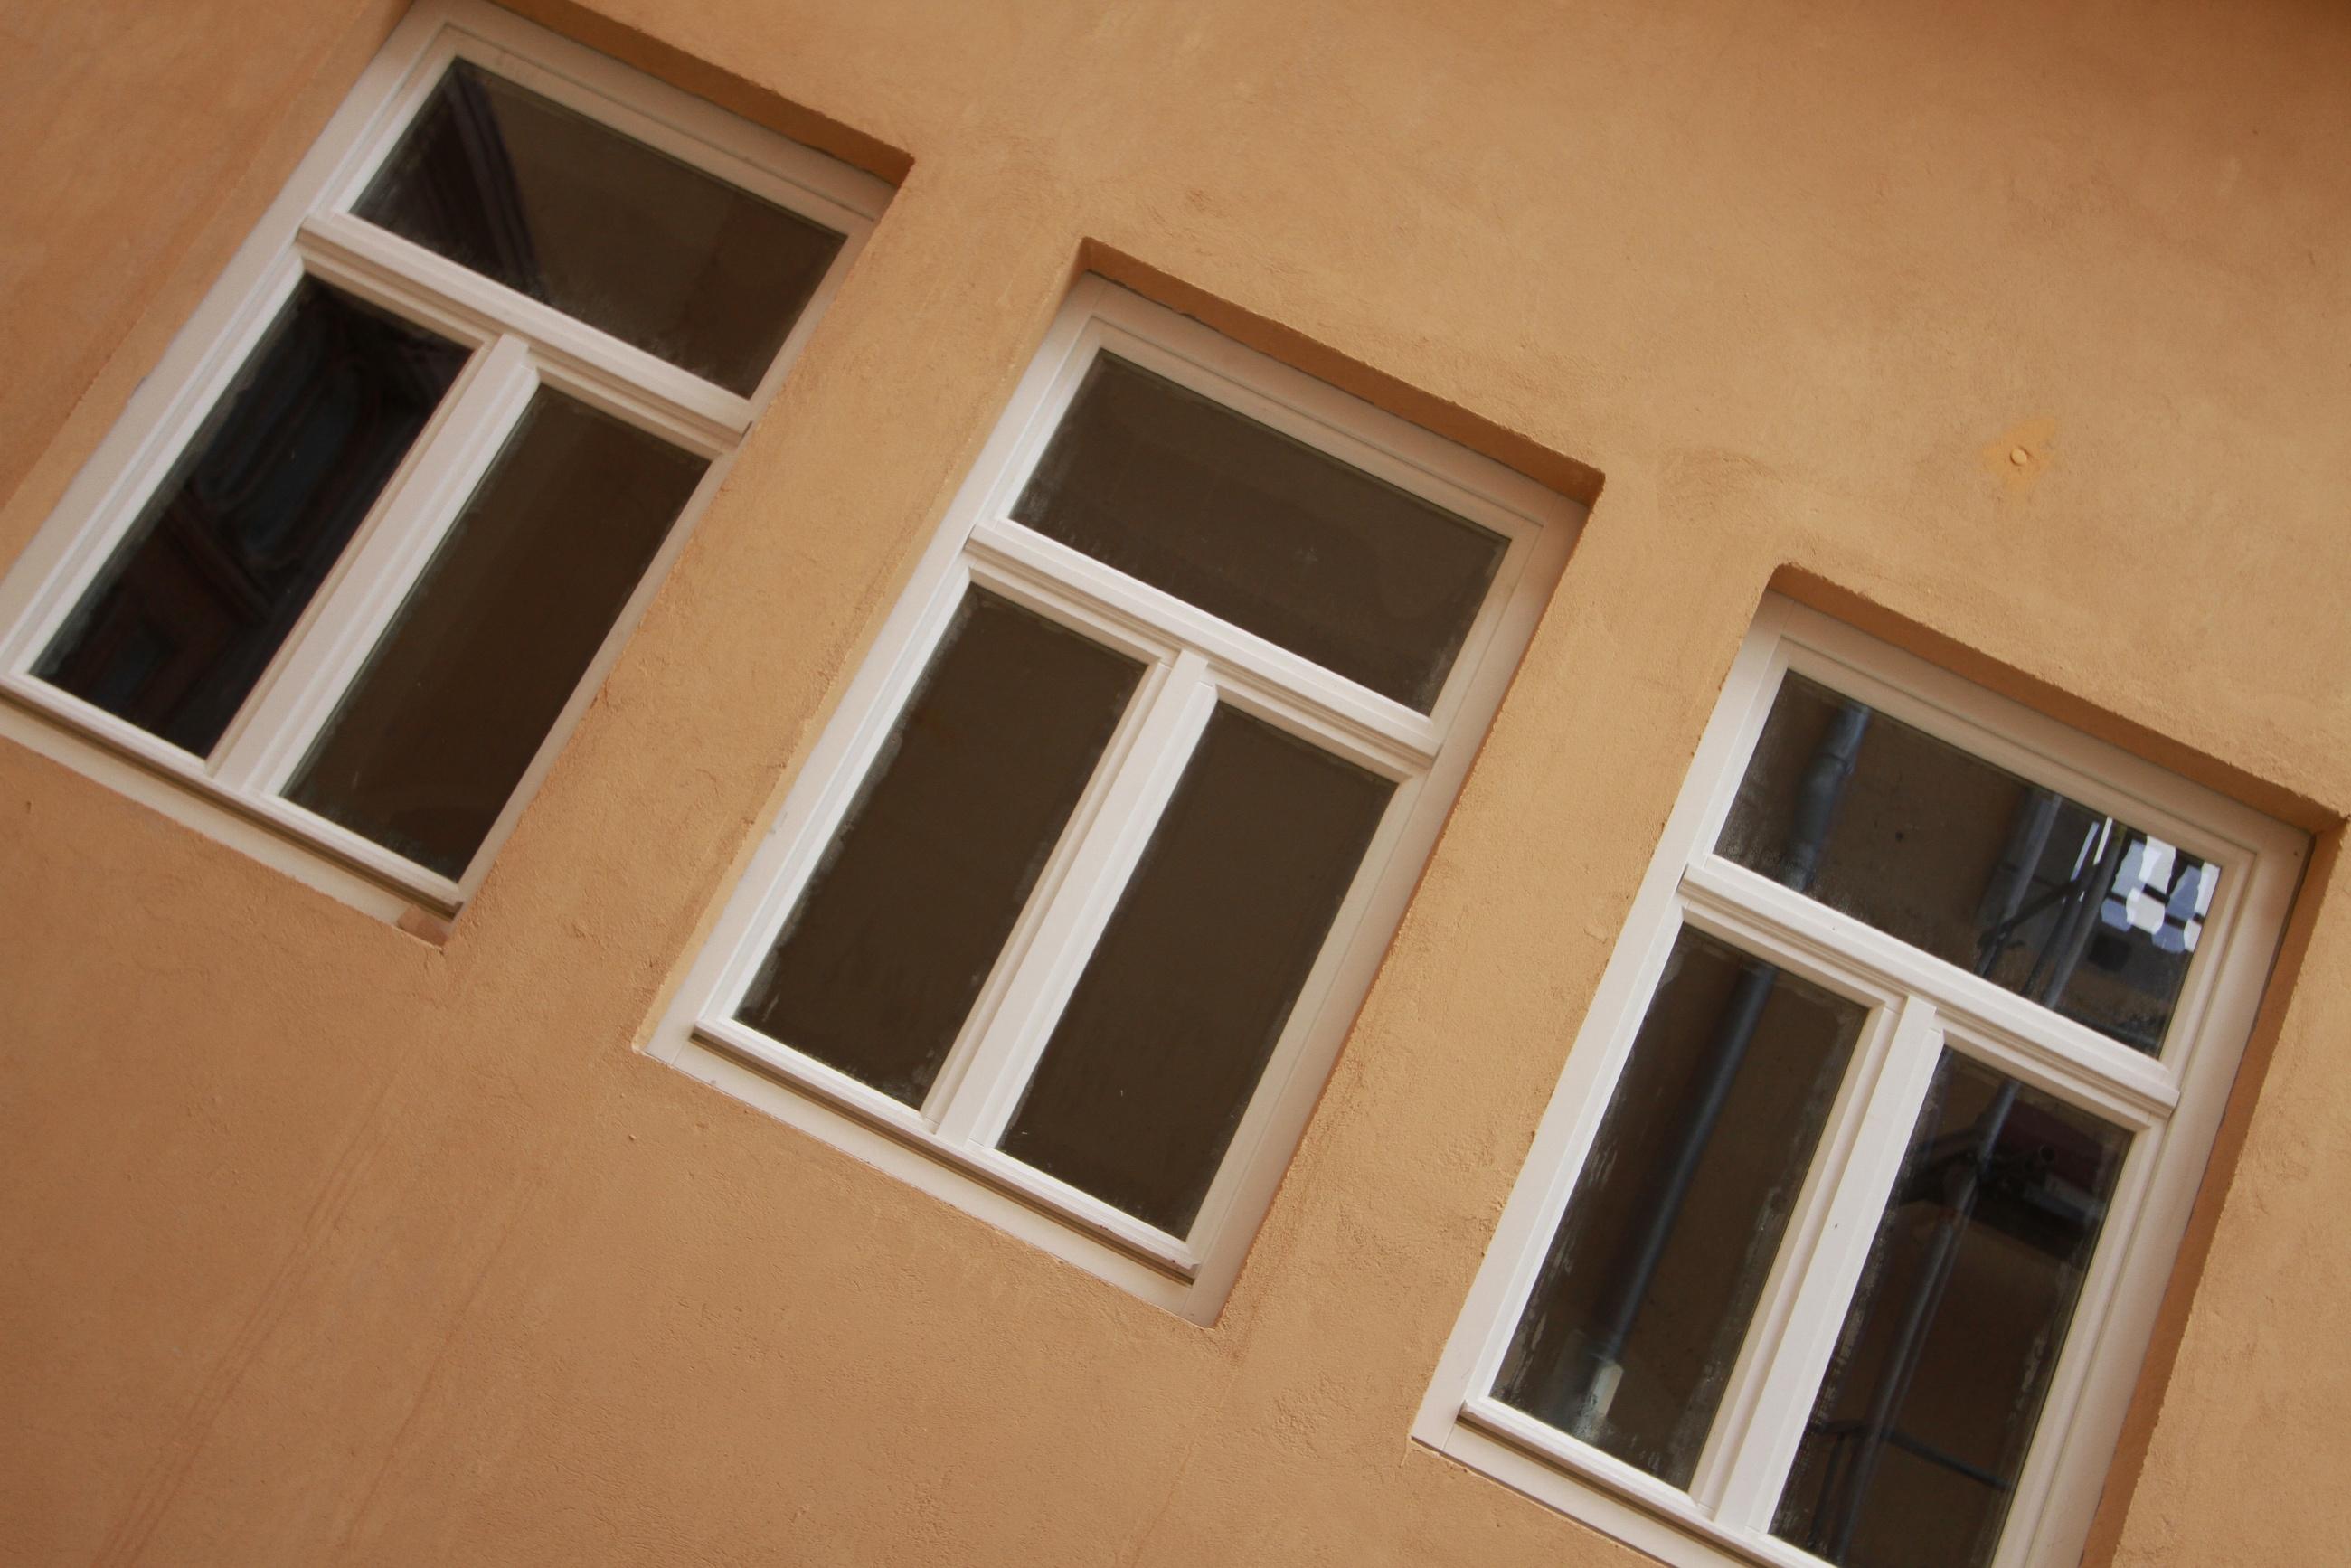 Moderne holzfenster mit schmalem rahmen for Moderne wandbilder mit rahmen